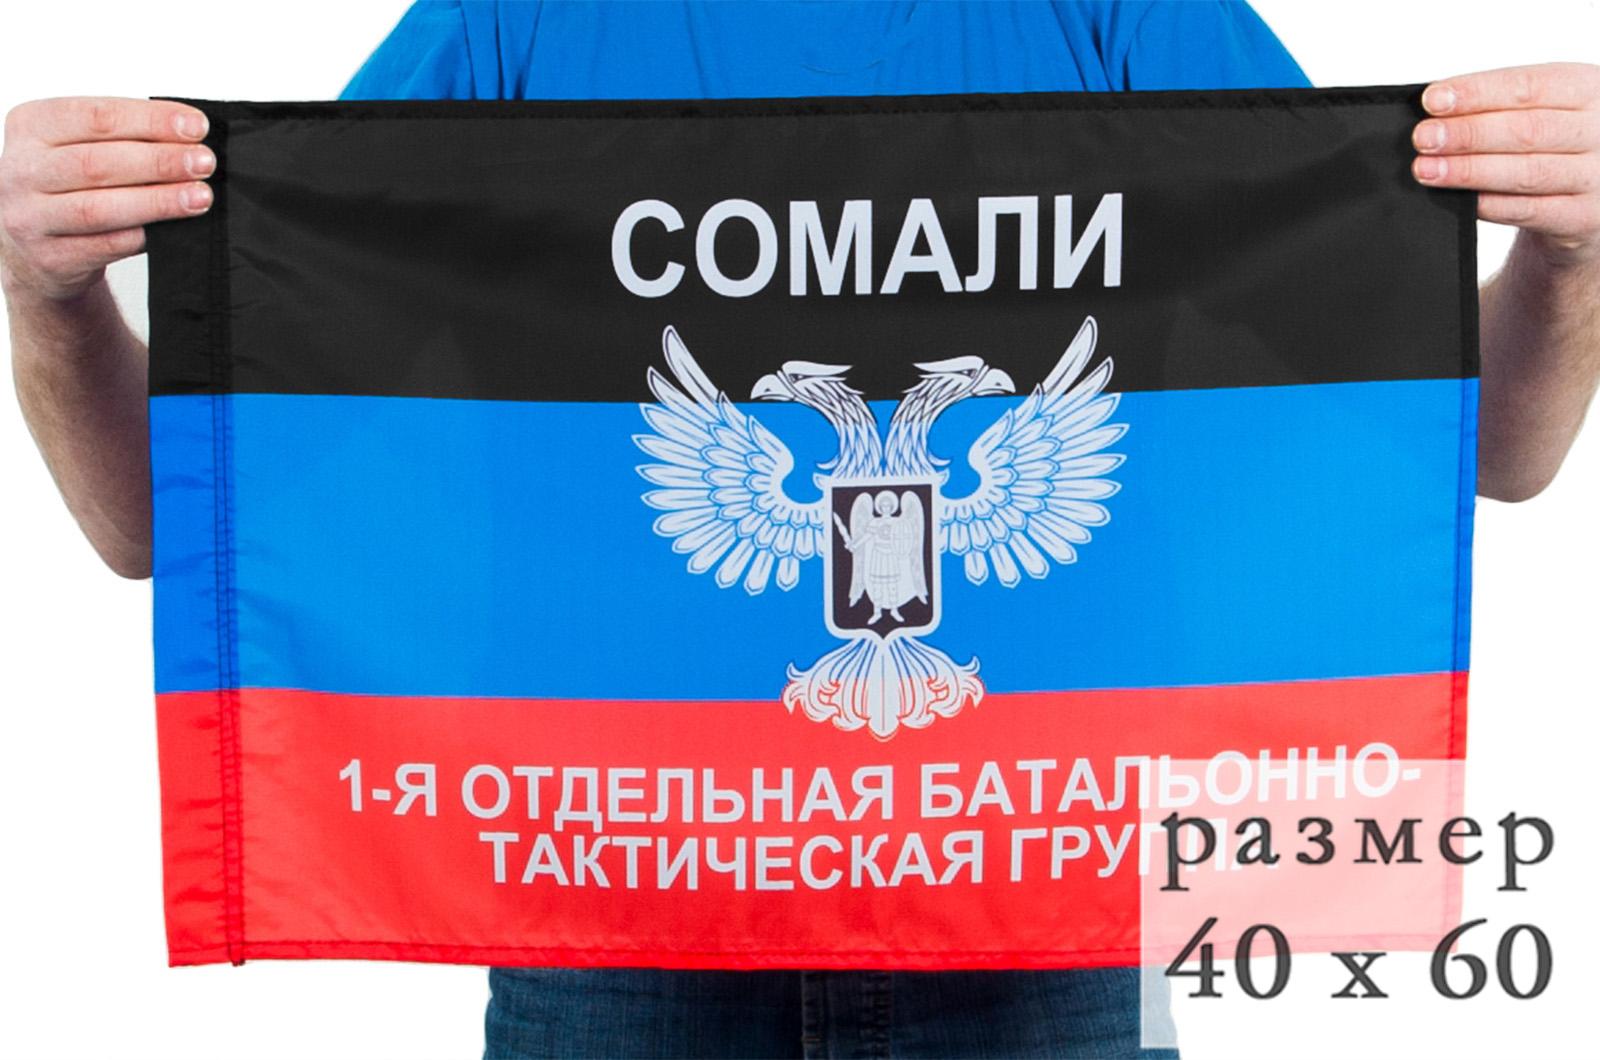 """Флаг ДНР """"1-я отдельная батальонно-тактическая группа Сомали"""""""